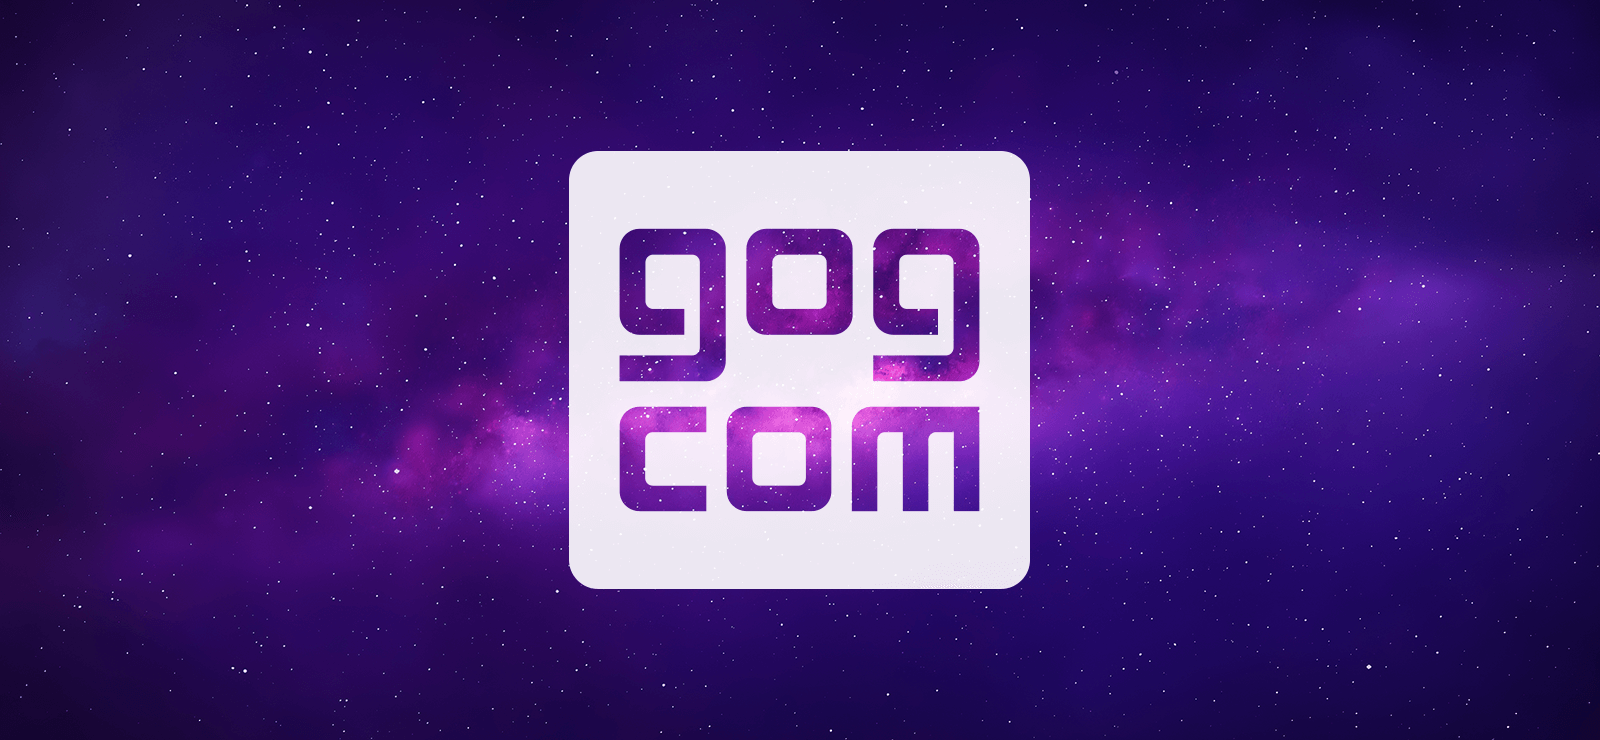 Stort GOG.com logo med stjerner i baggrunden